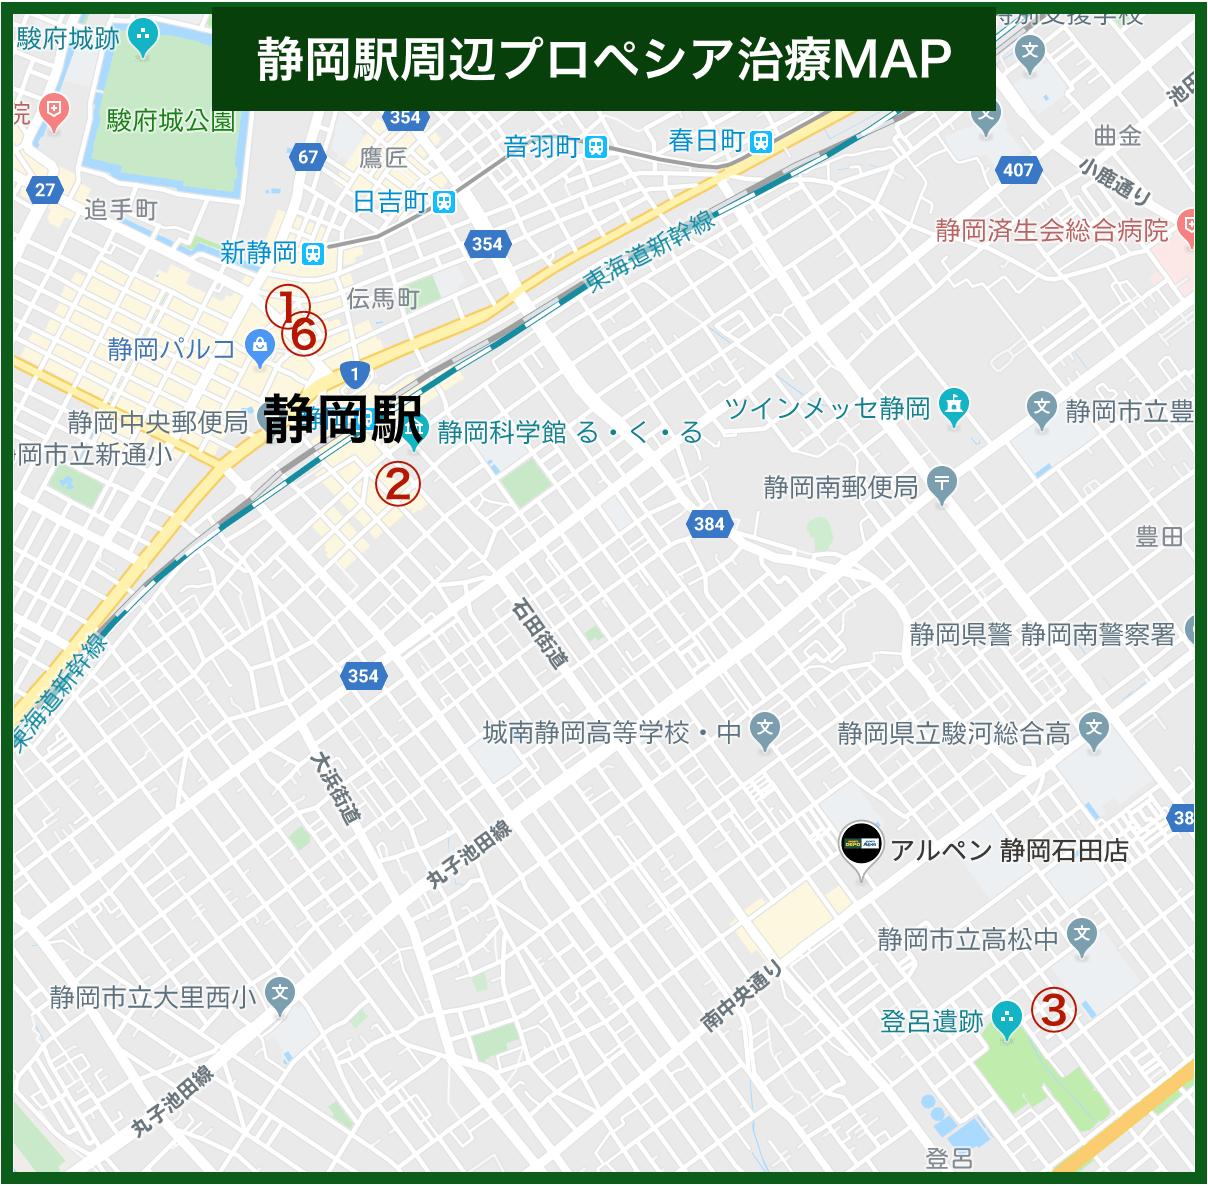 静岡プロペシア治療MAP(2020年版)